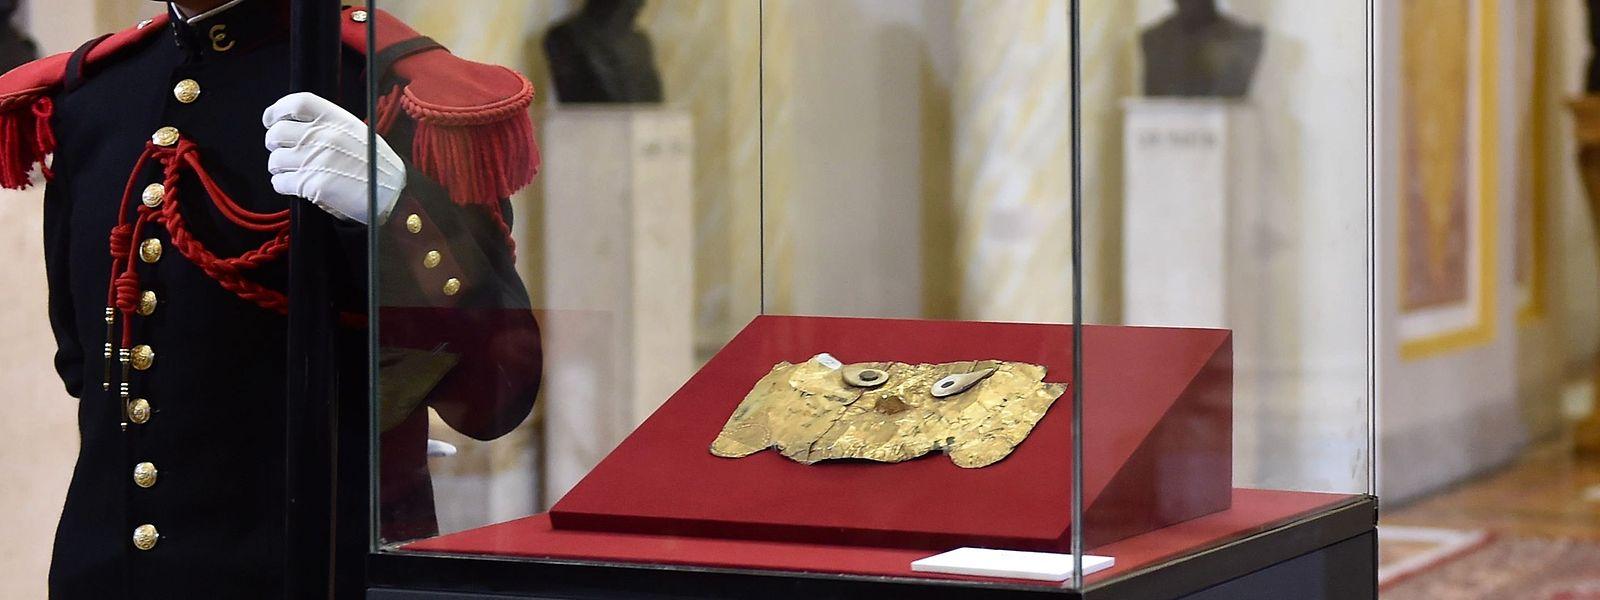 Die Sicán-Maske wurde 1997 in Bayern entdeckt und beschlagnahmt.